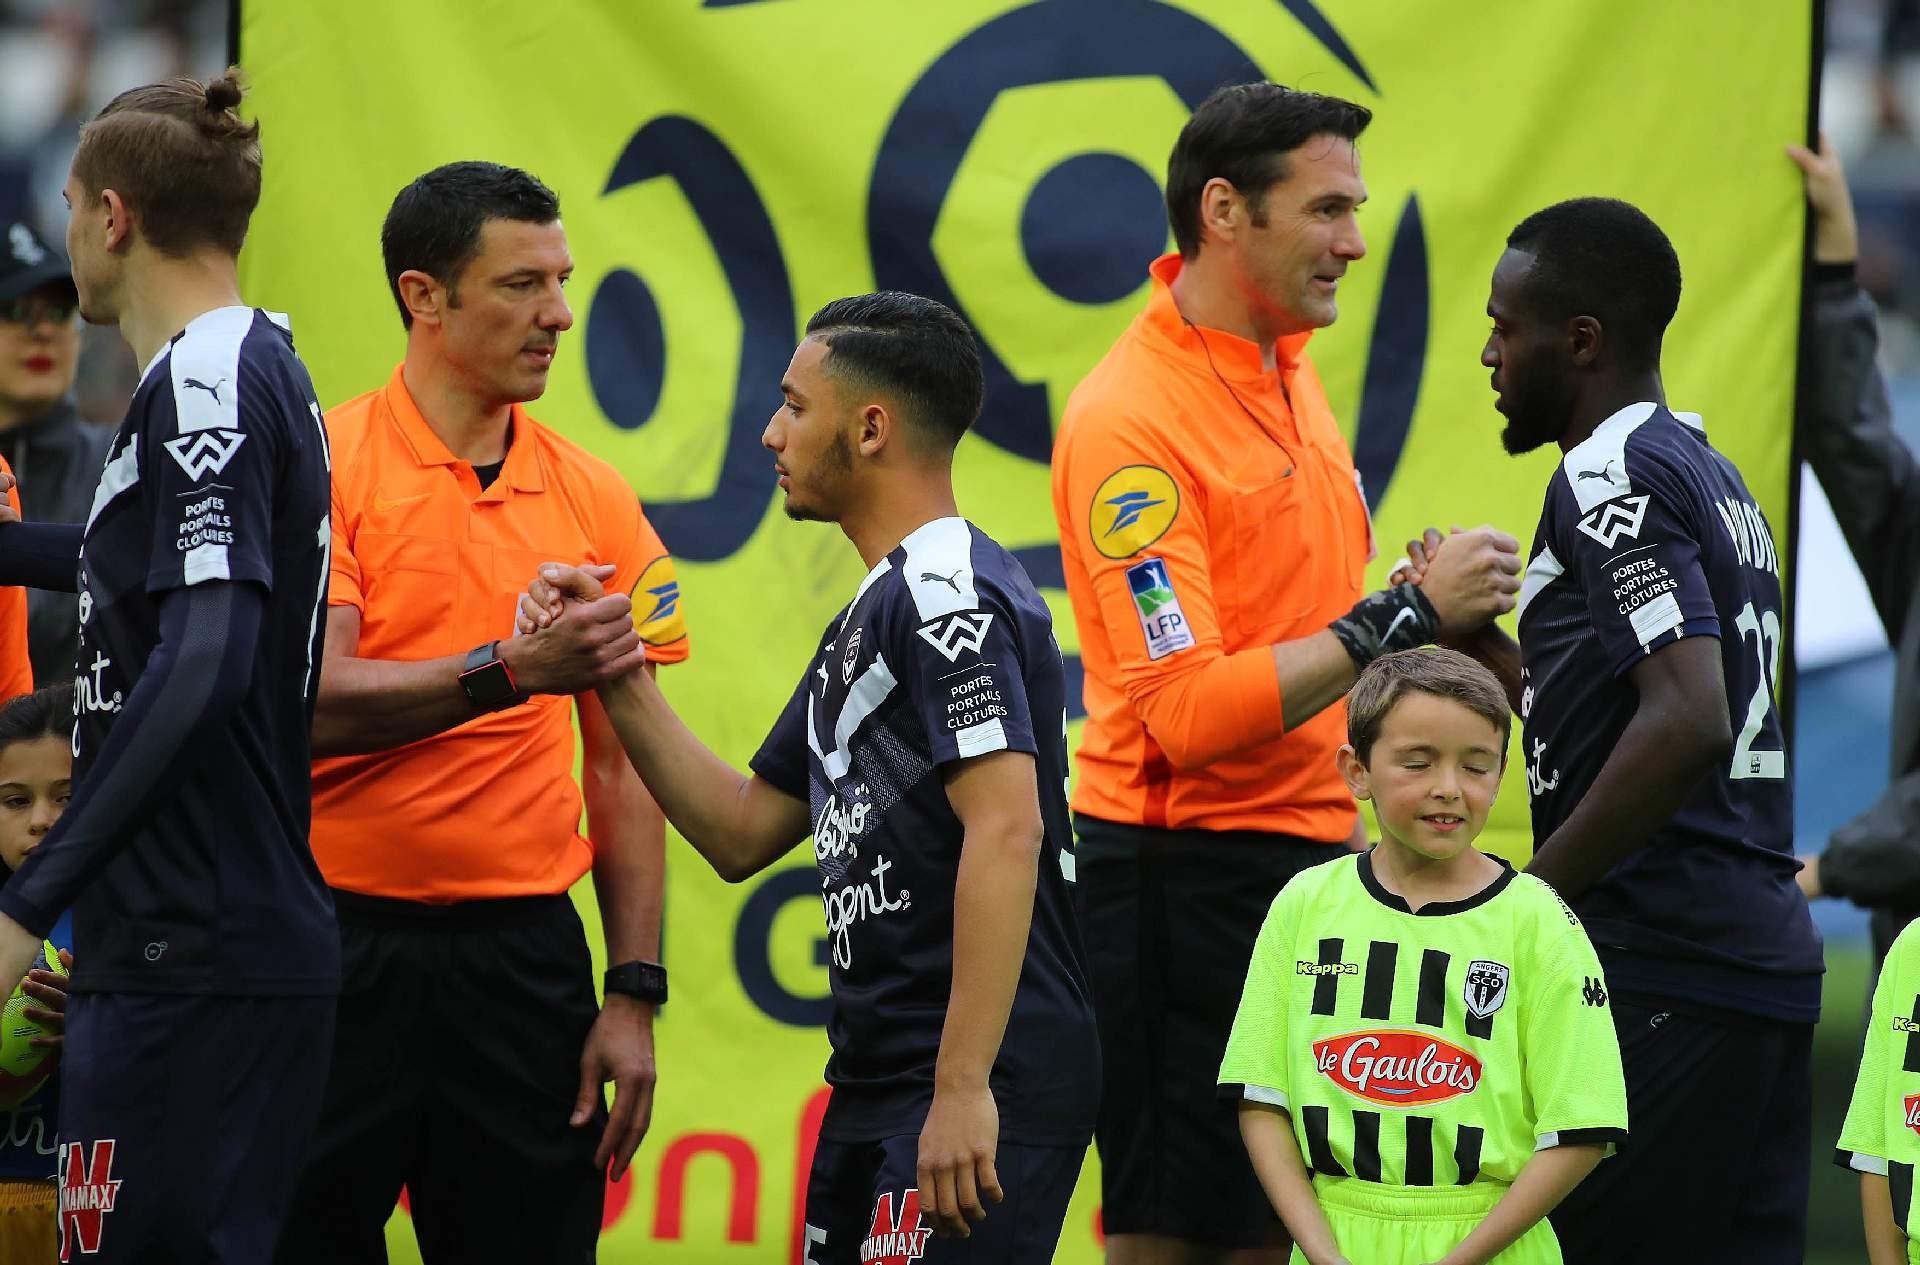 阵里昂均不败并延续有进球法甲提示:波尔众近5次对